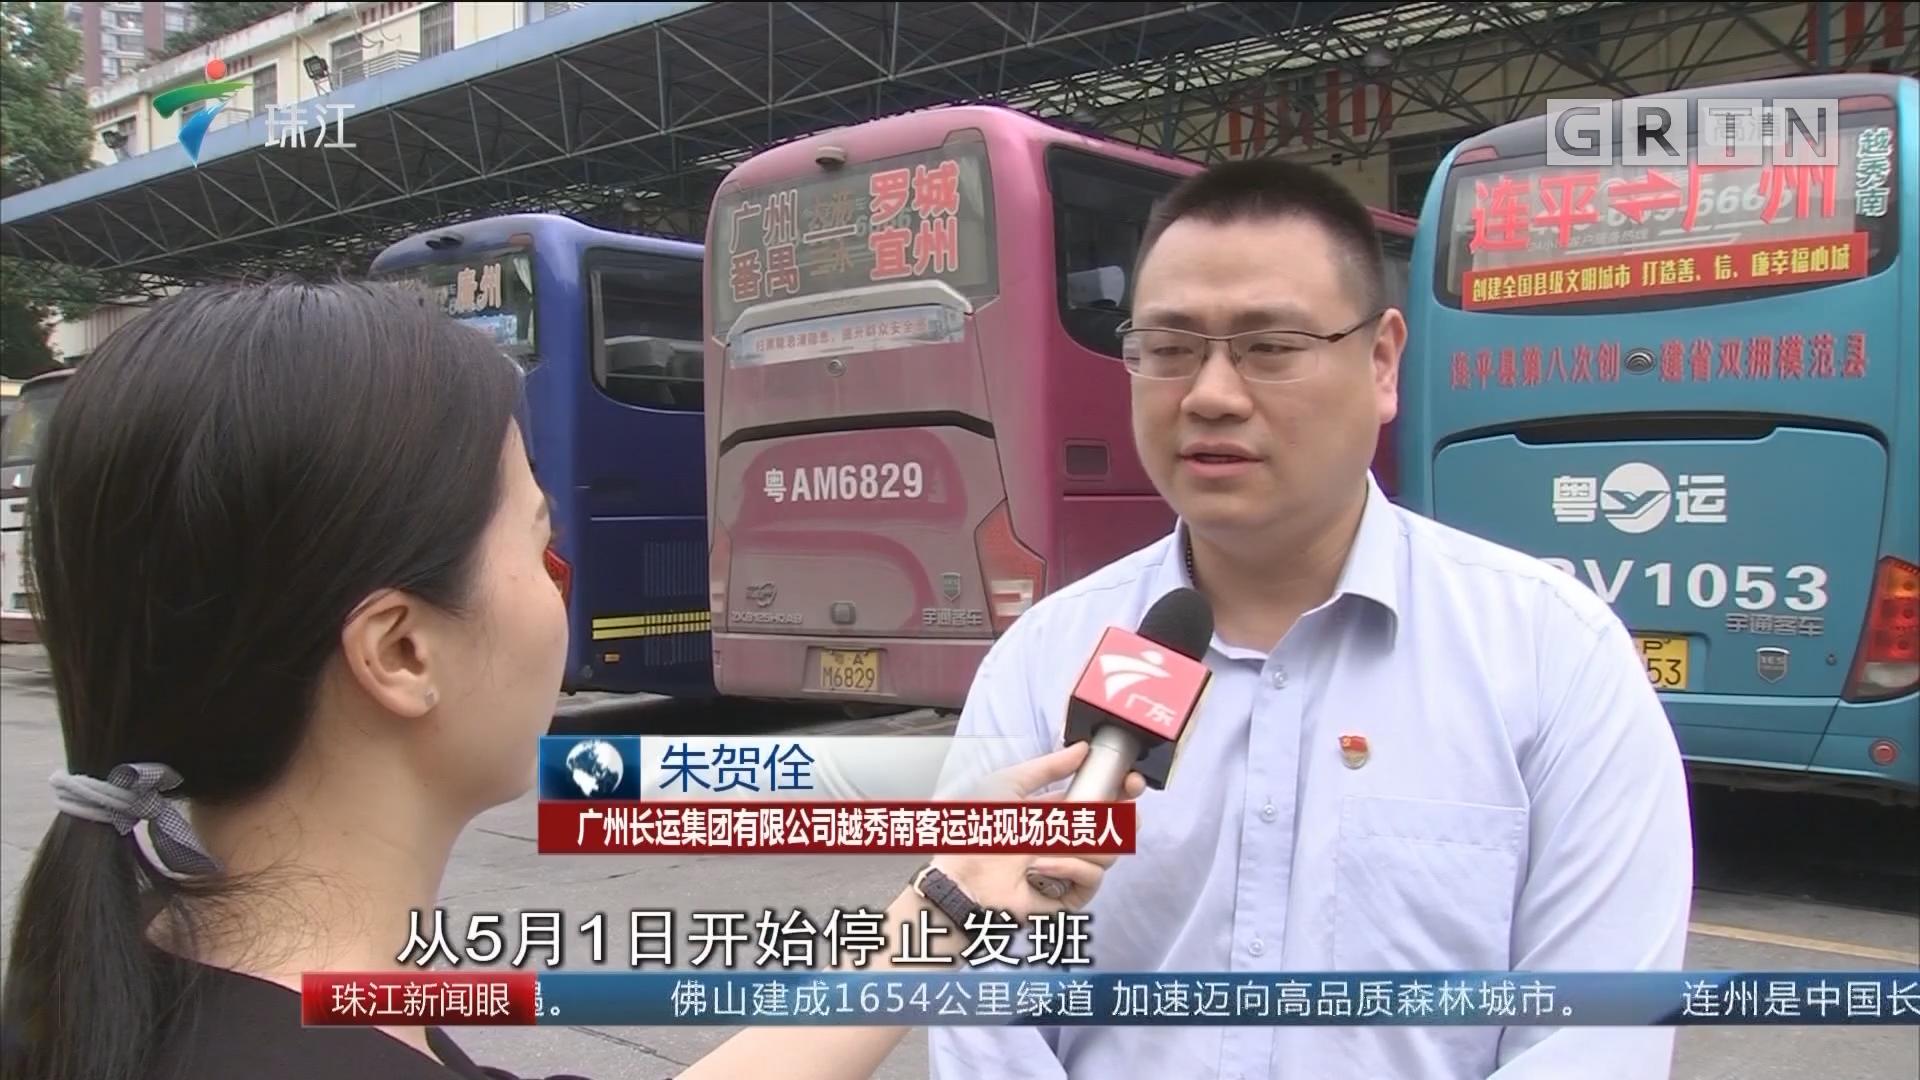 69年陪伴 广州越秀南客运站下月停运